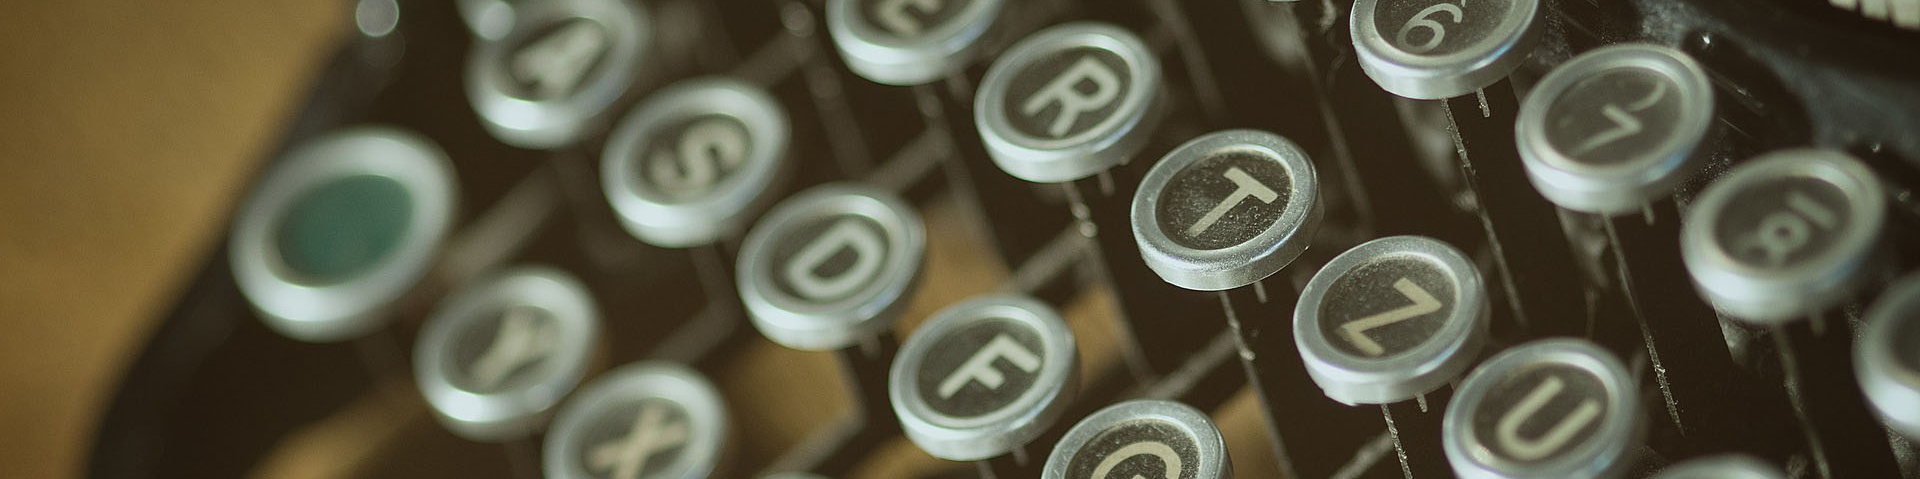 WuKomm – Redaktion und Kommunikation